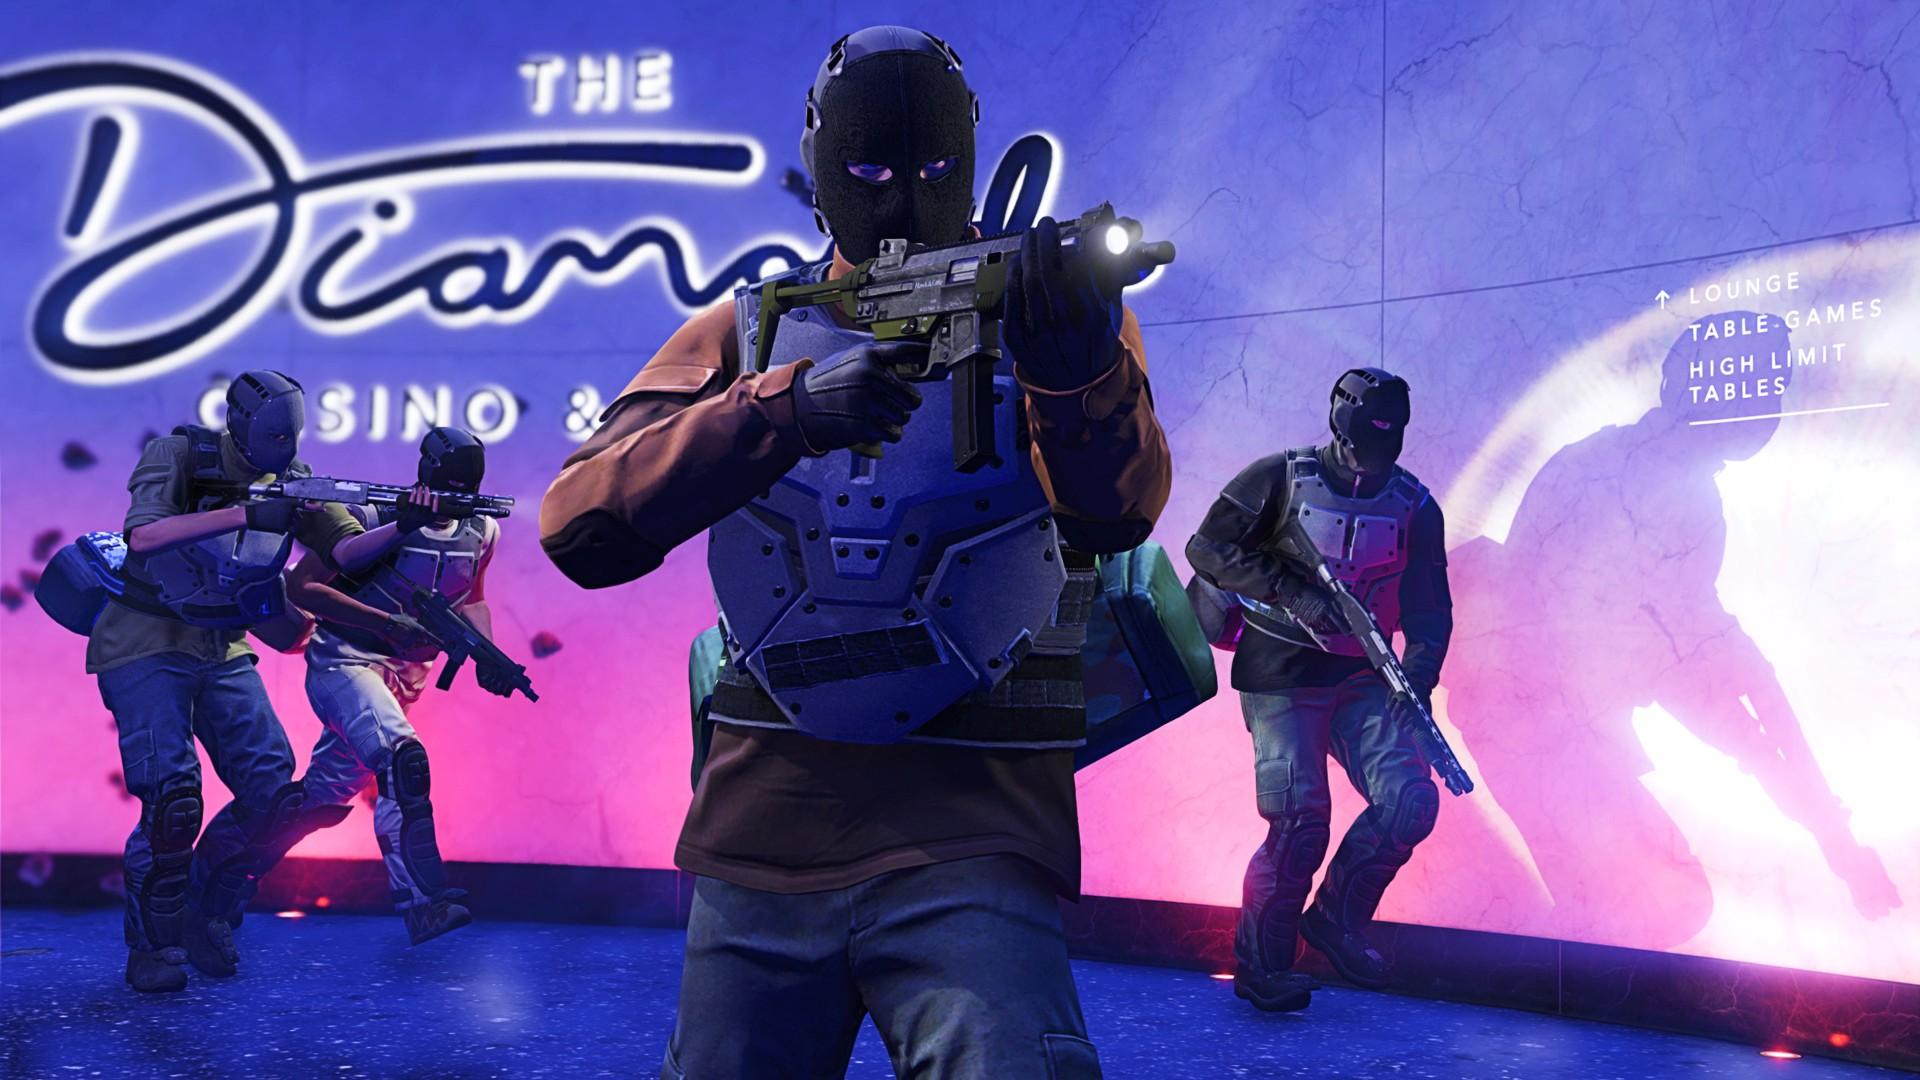 GTA Online's weekly update brings diamonds back to the Casino heist